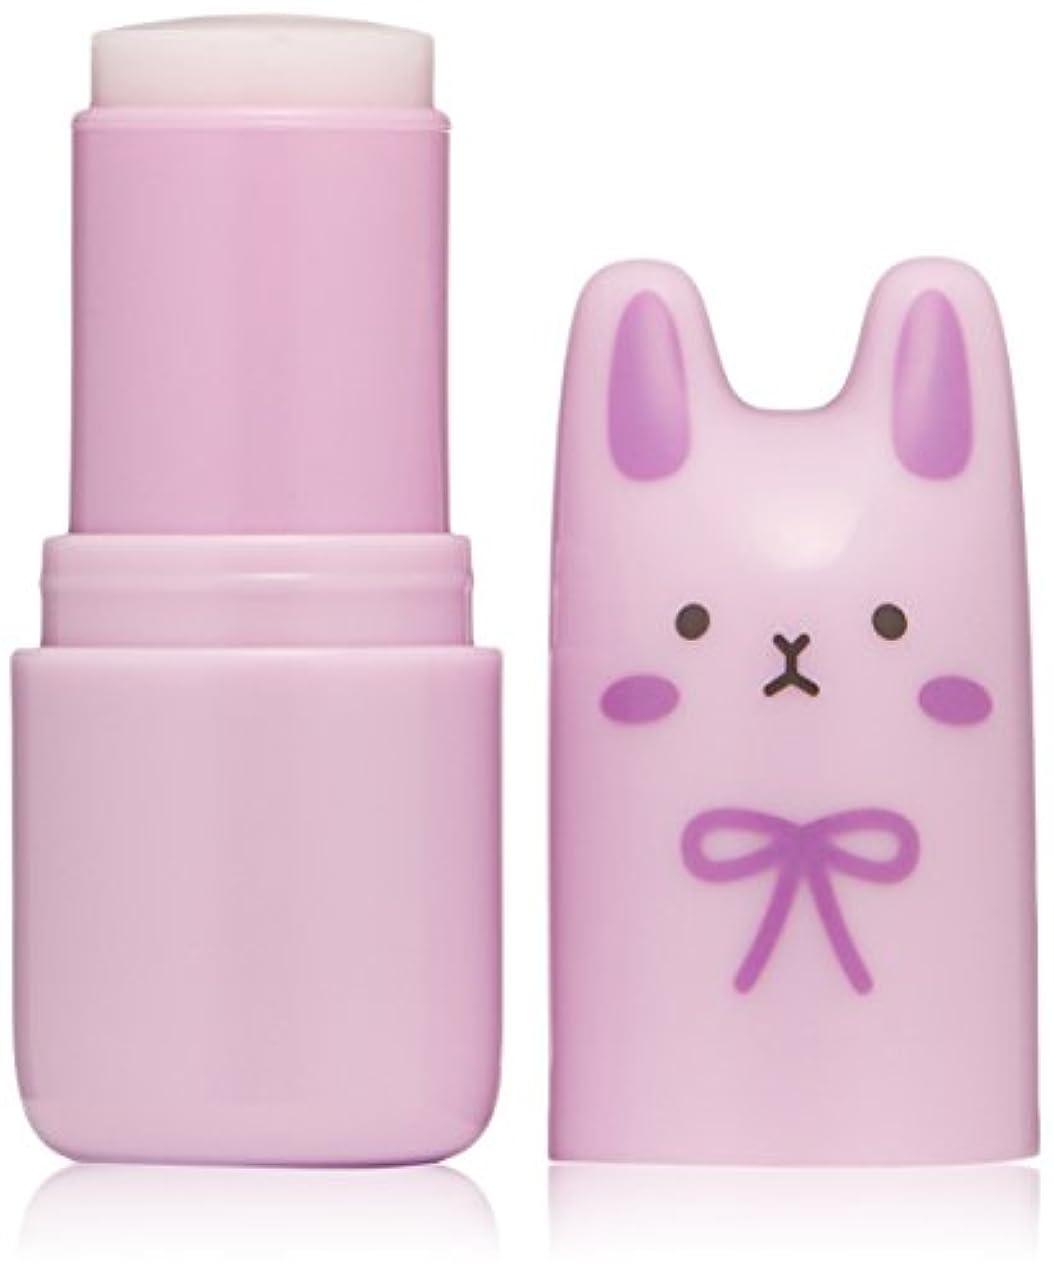 指マグハイキングTONYMOLY Pocket Bunny Perfume Bar #03 Bloom Bunny/トニーモリー ポケット バニー パフュームバー #03 ブルームバニー